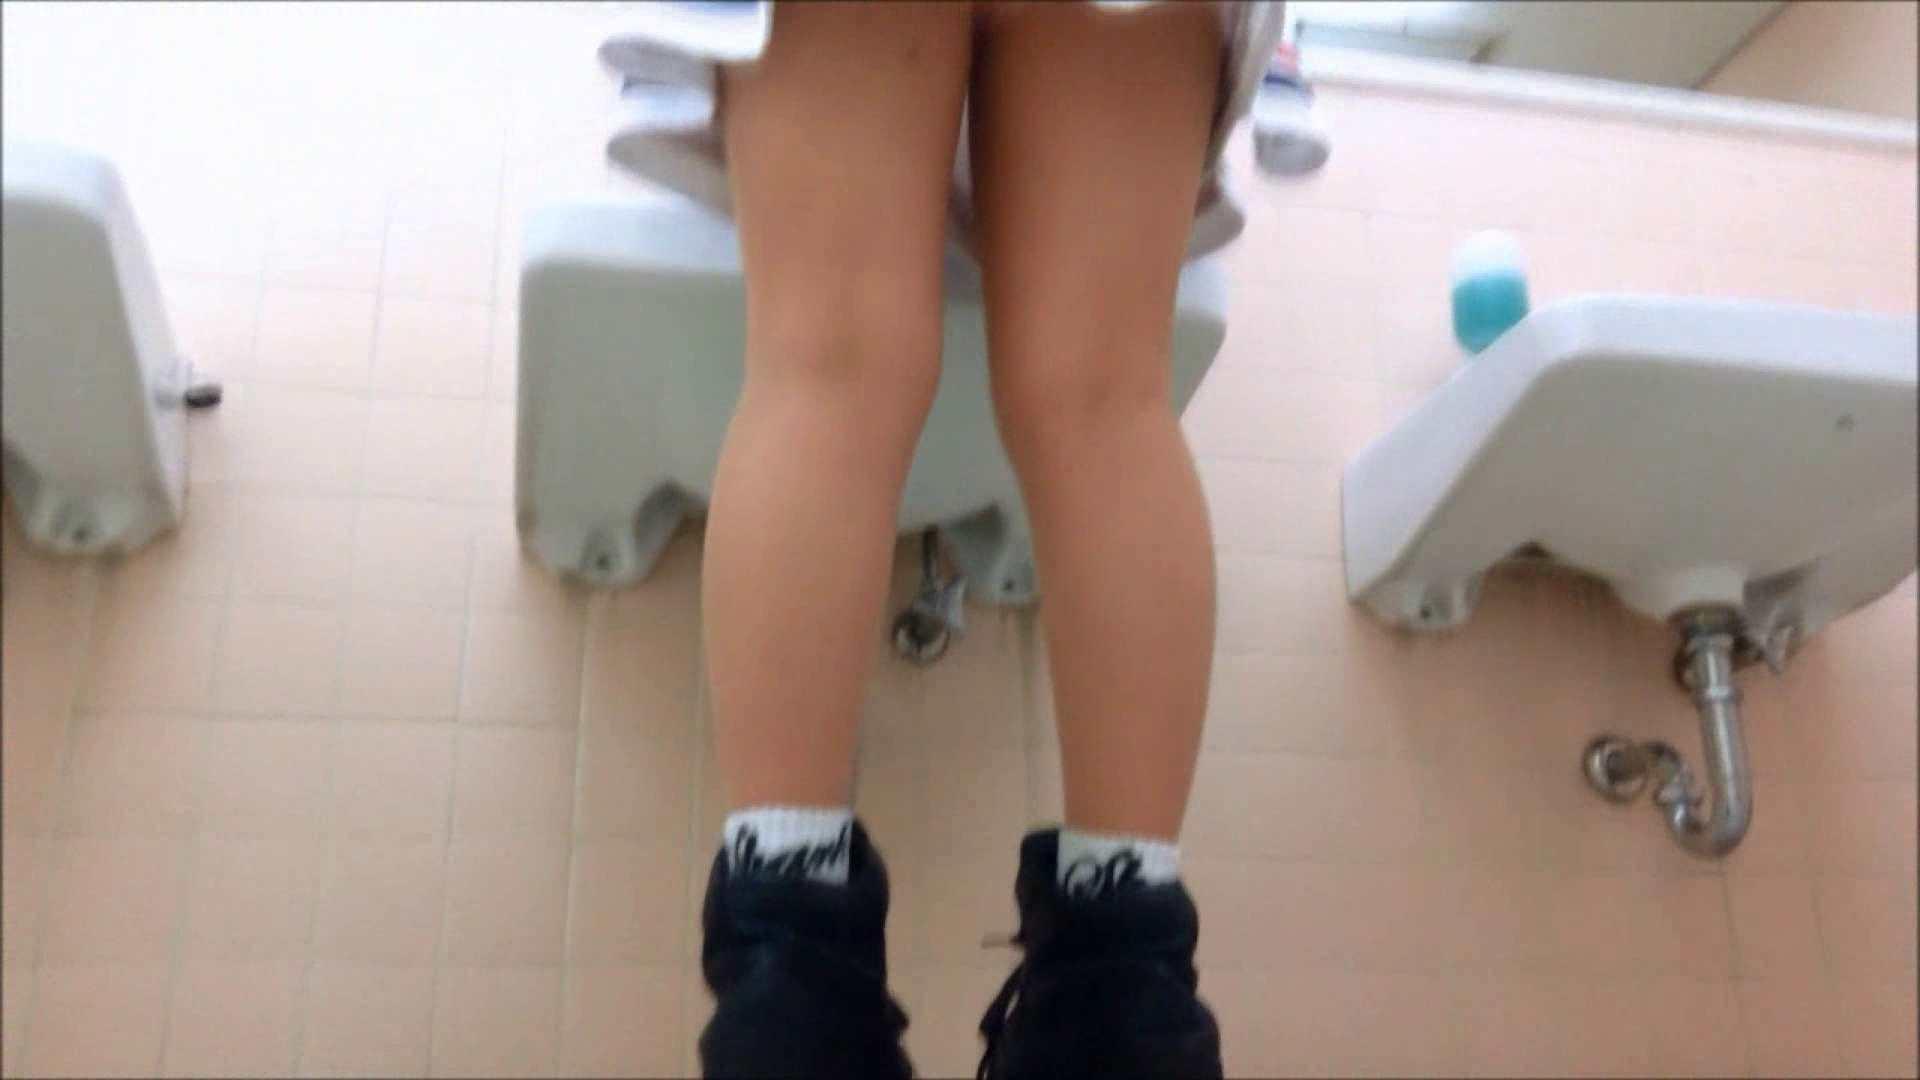 某有名大学女性洗面所 vol.17 和式で踏ん張り中 のぞき動画画像 107連発 83